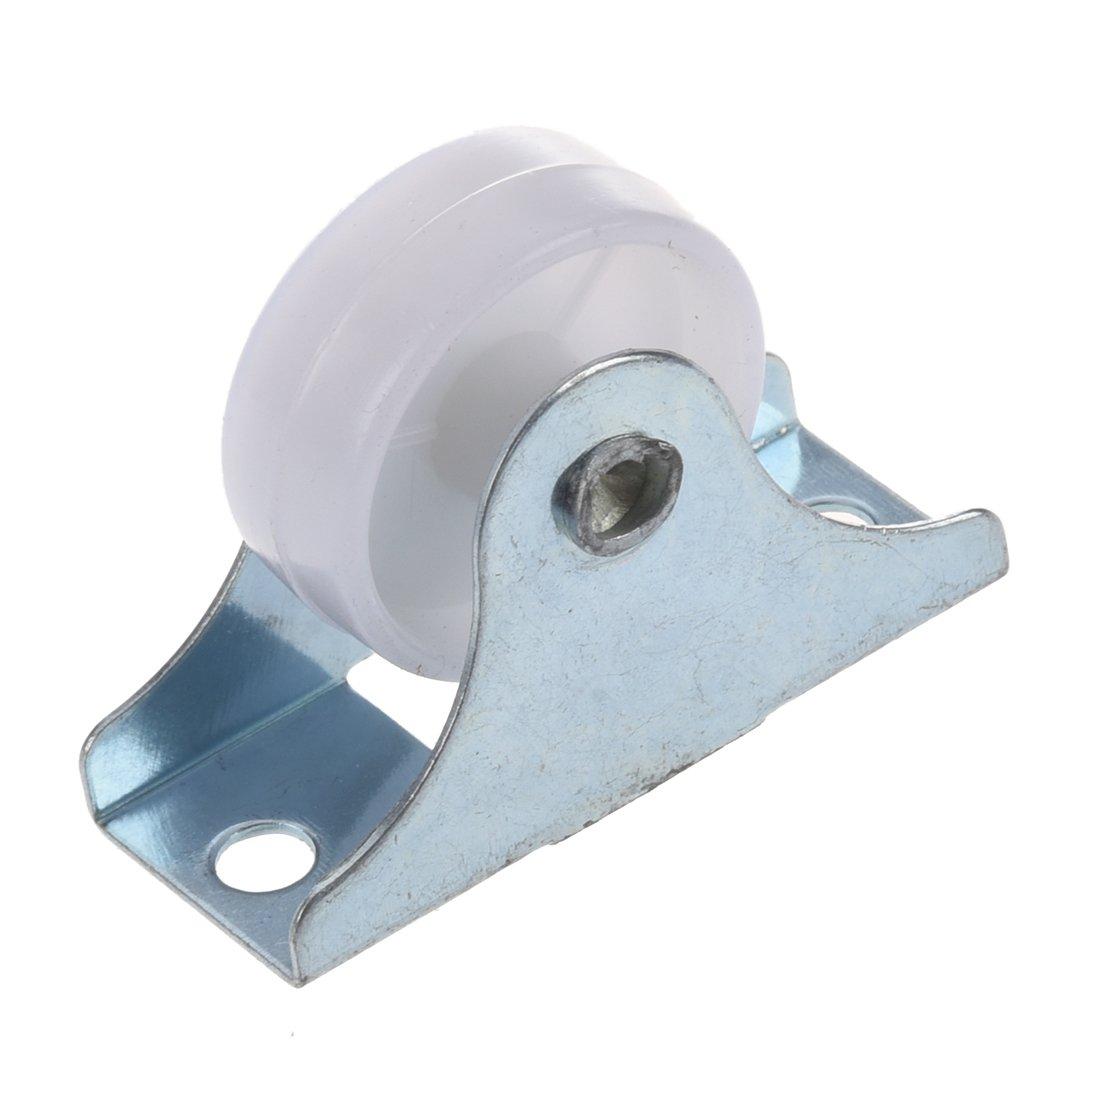 SODIAL(R) 4 x roue pivotante de rechange pour les meubles En plastique blanc Diametre 25mm 007011